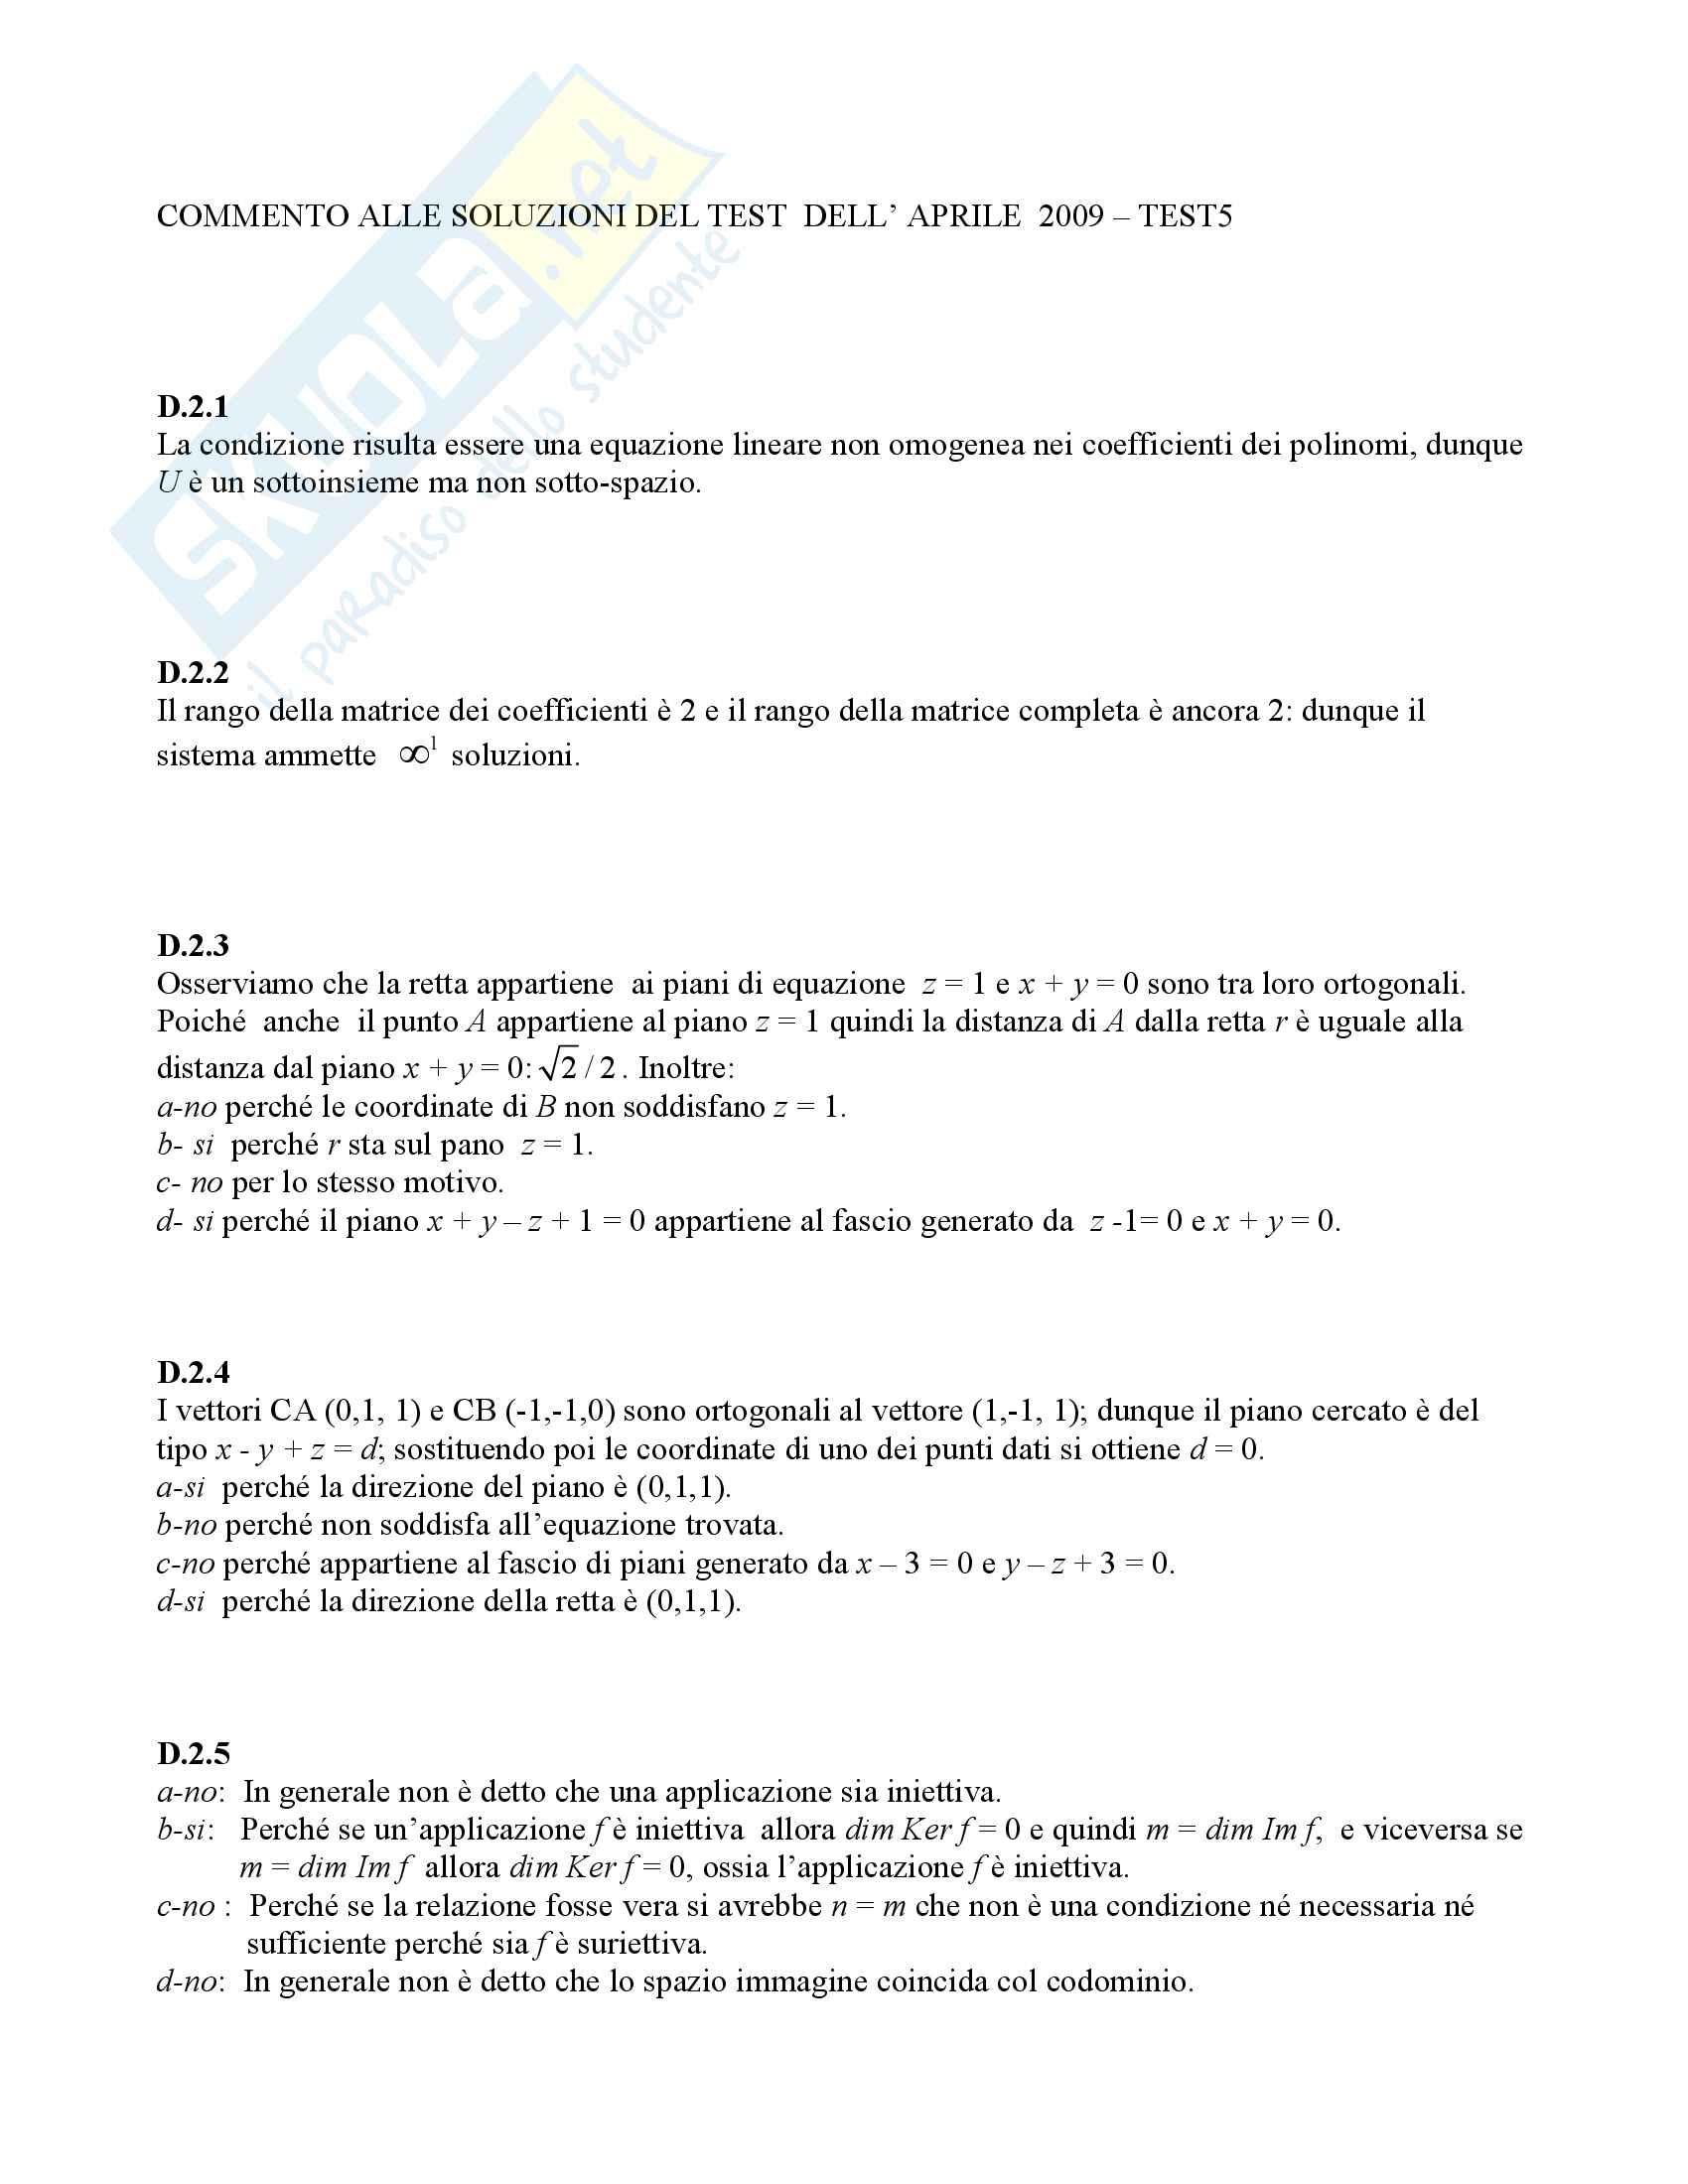 Analisi Matematica 2 e Complementi di Algebra Lineare - Temi d'Esame svolti Pag. 11